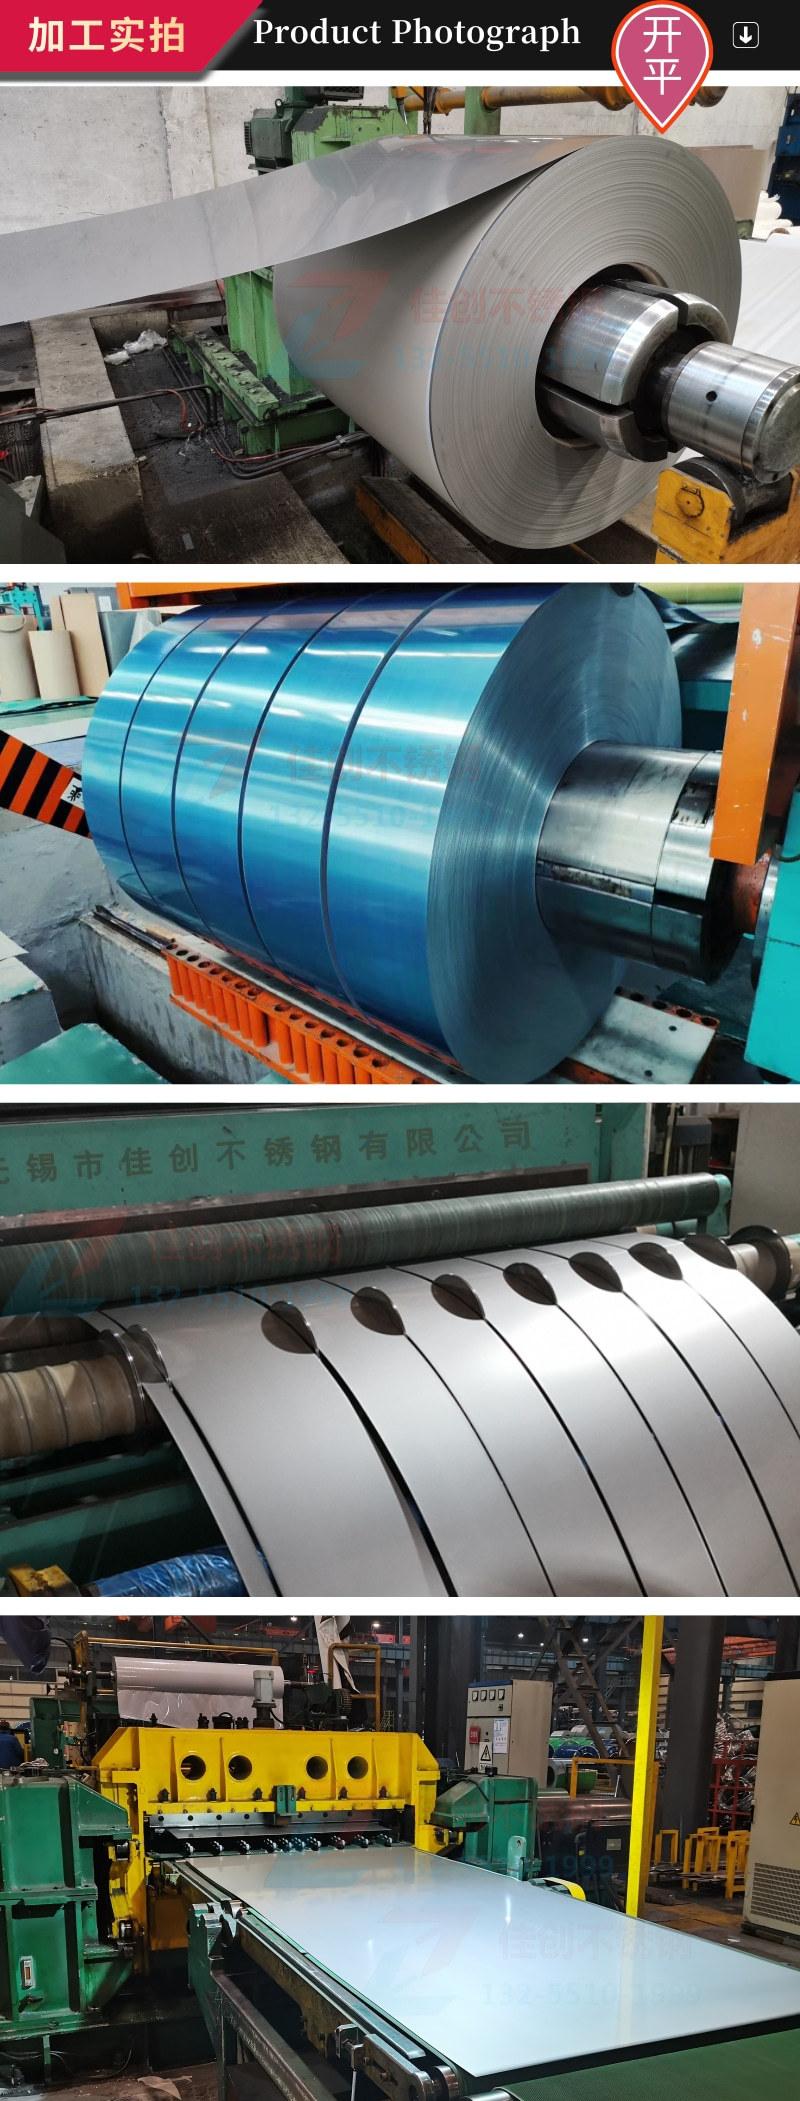 4月20日太鋼304不銹鋼價格跌200元  不銹鋼板304格表示例圖22